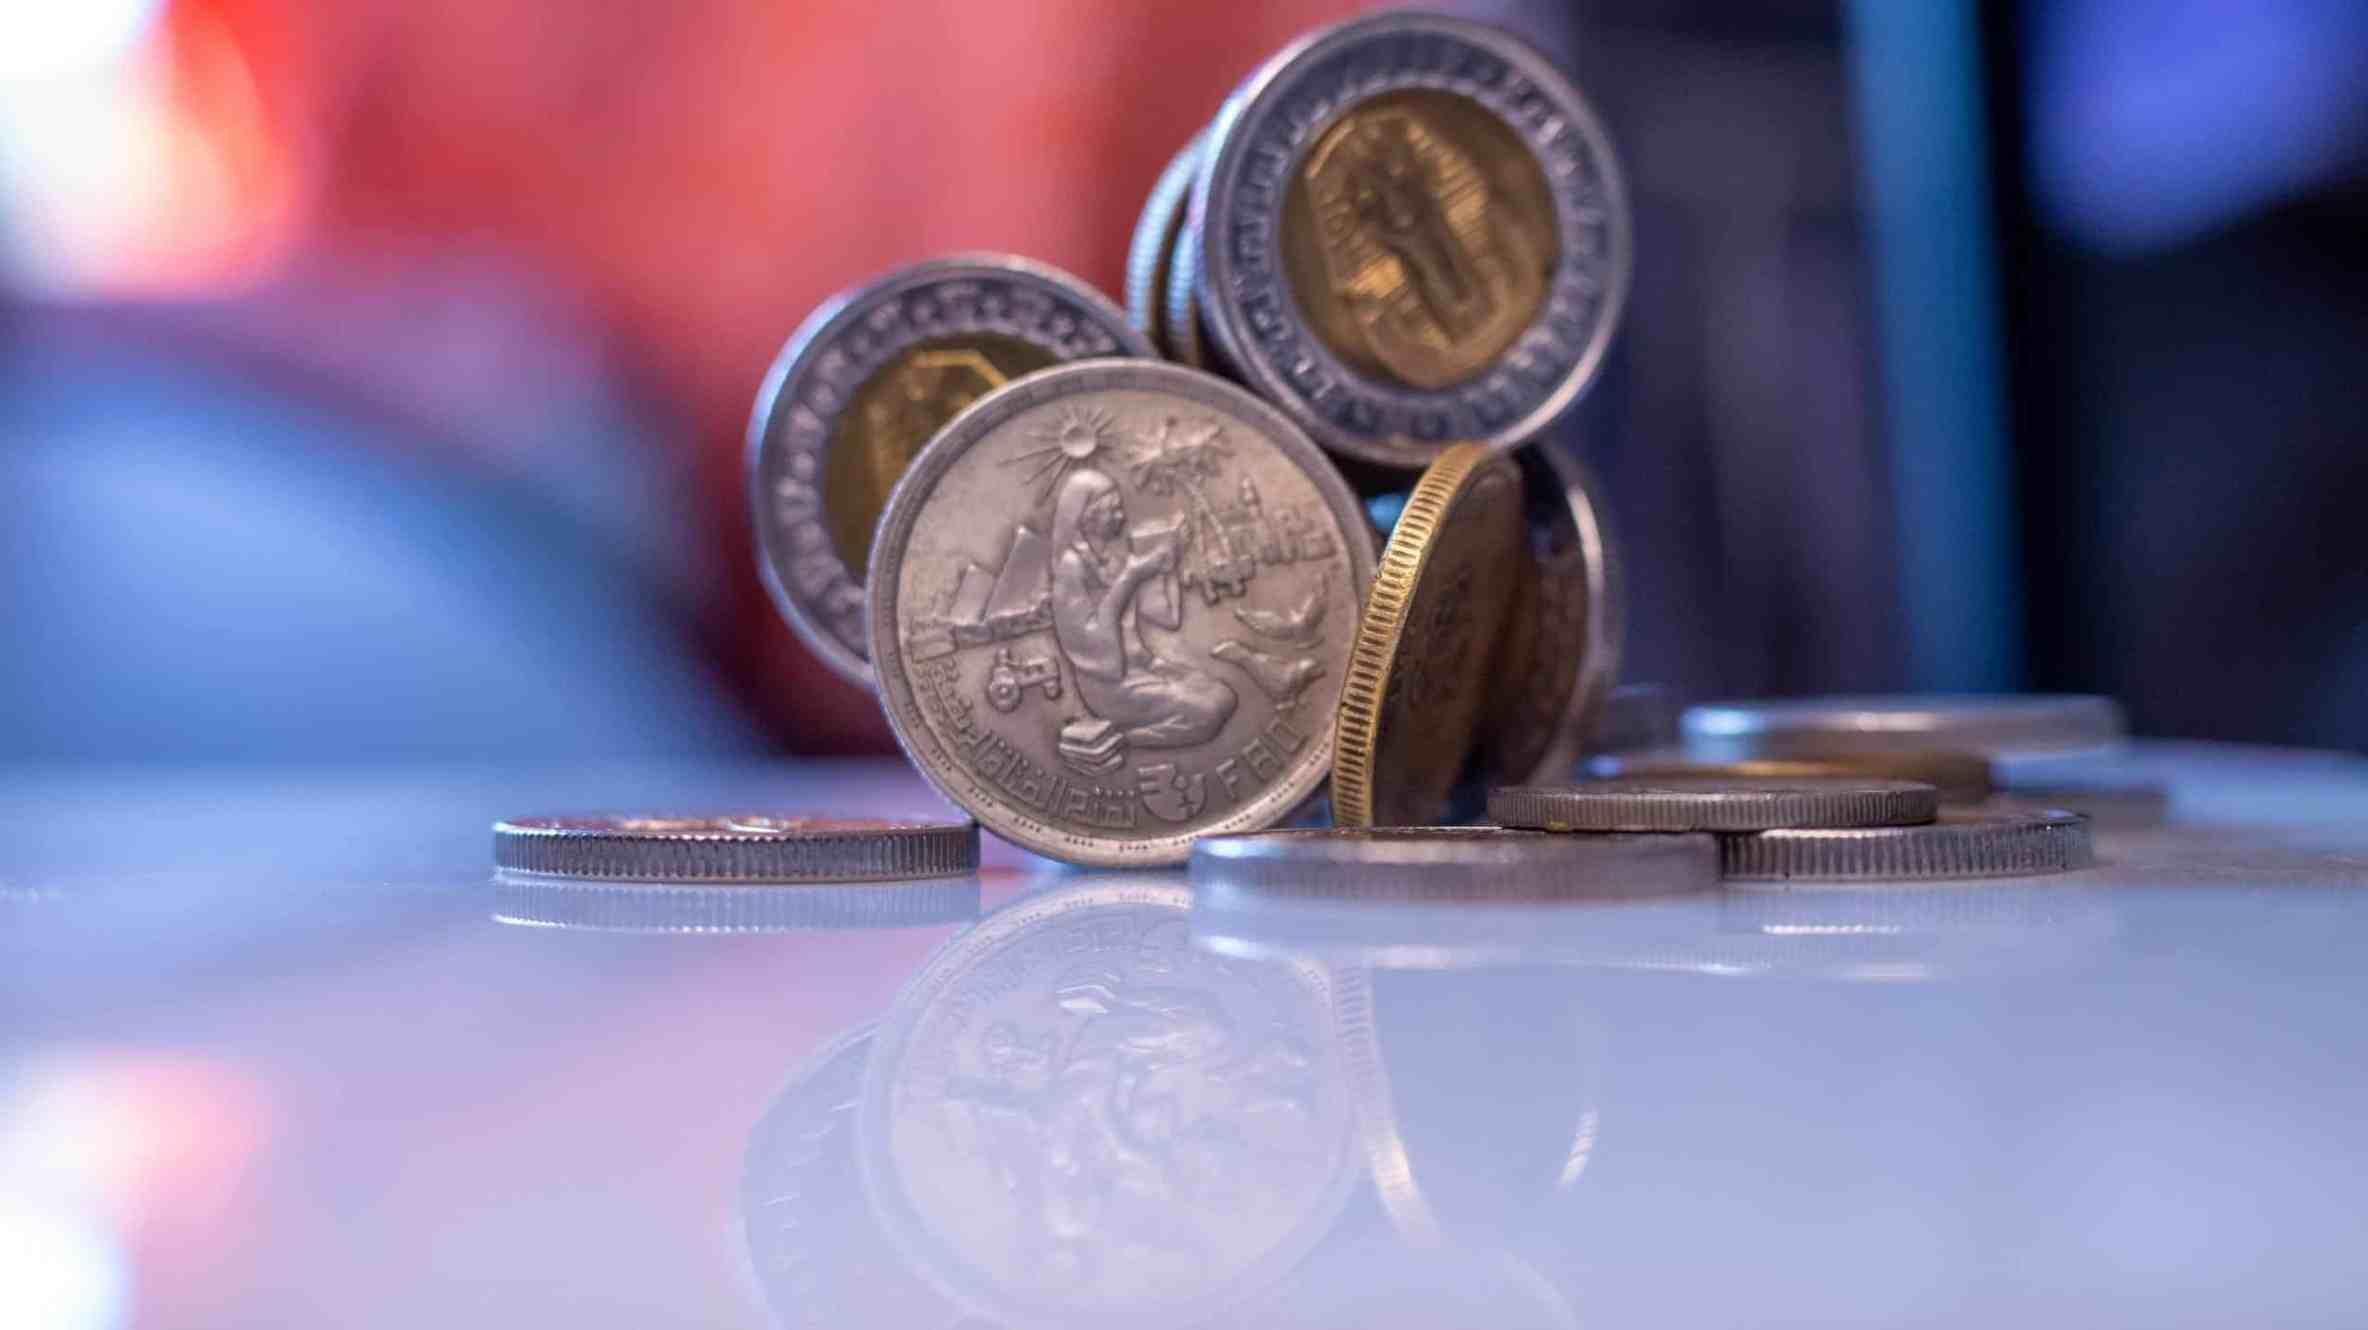 Kā Pelnīt Naudu Ātri Mājās Bez Maksas, Kā nopelnīt vairāk naudas?